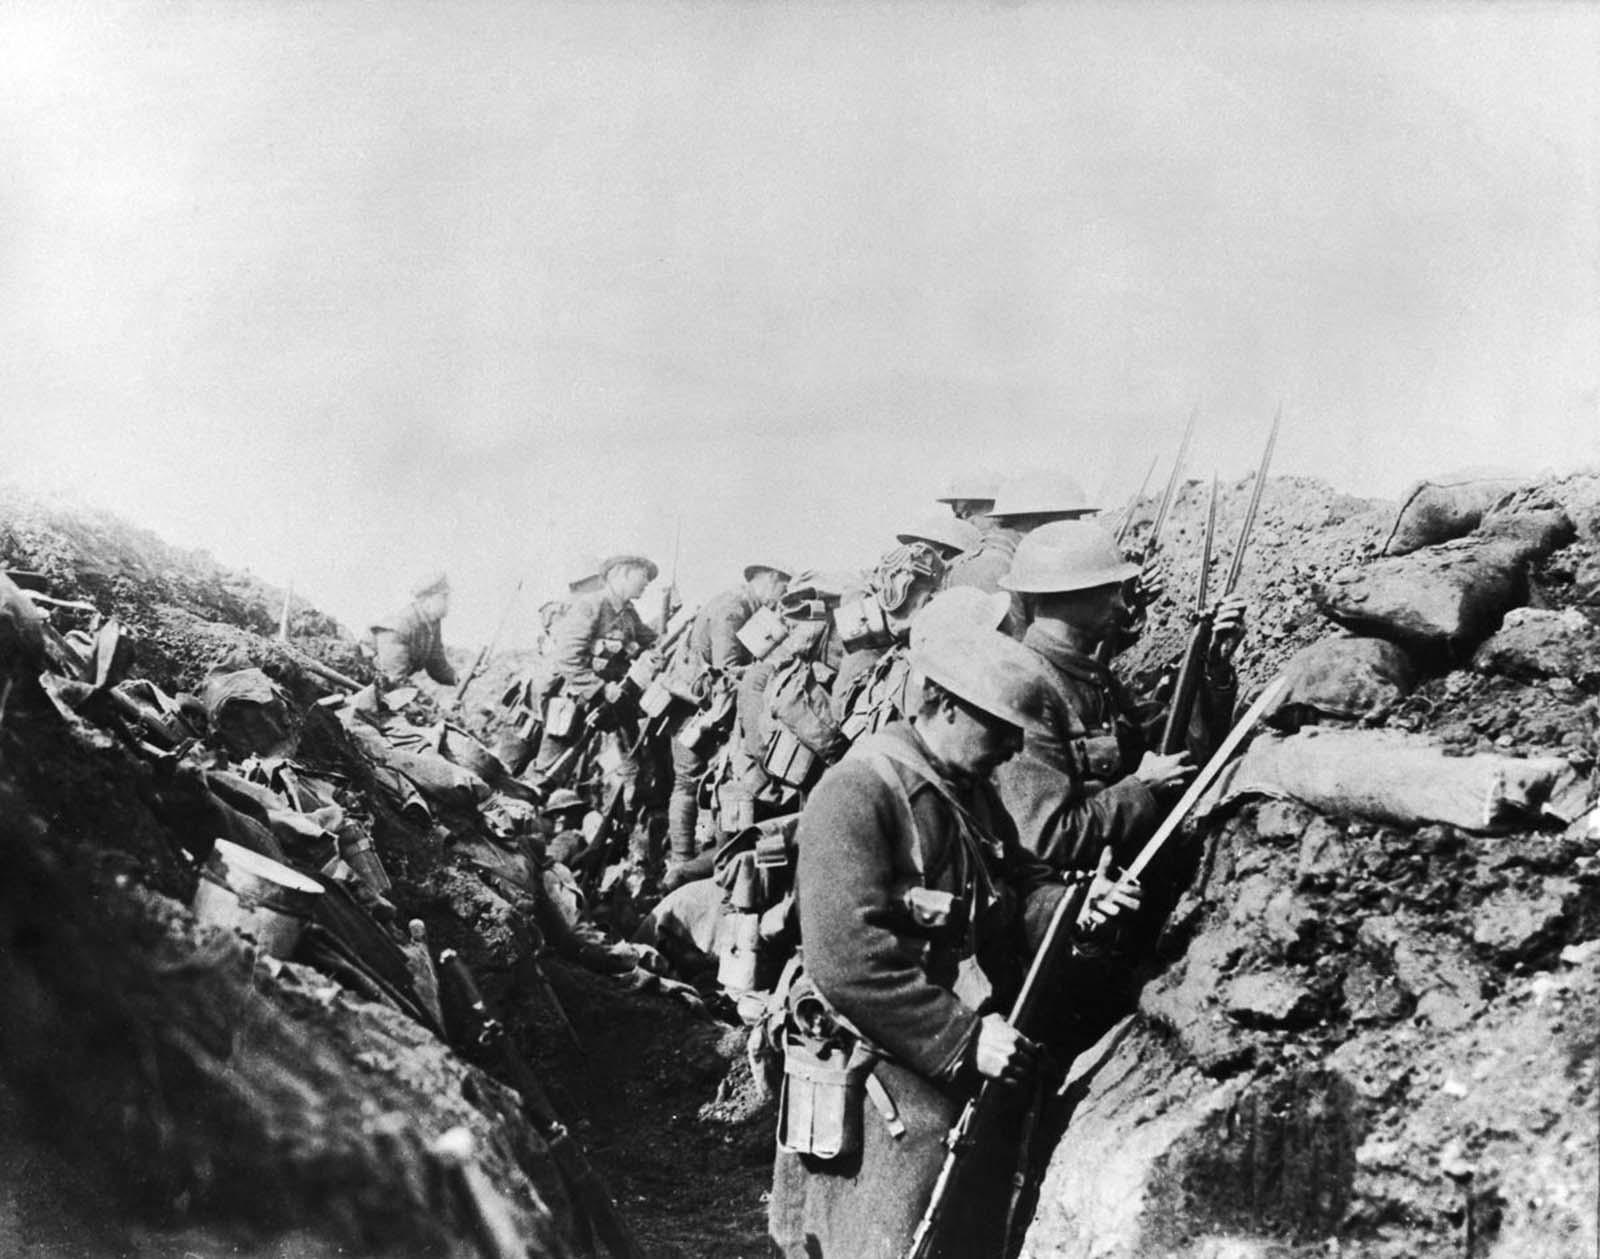 Las tropas canadienses arreglan las bayonetas antes de ir por encima para atacar las posiciones alemanas.